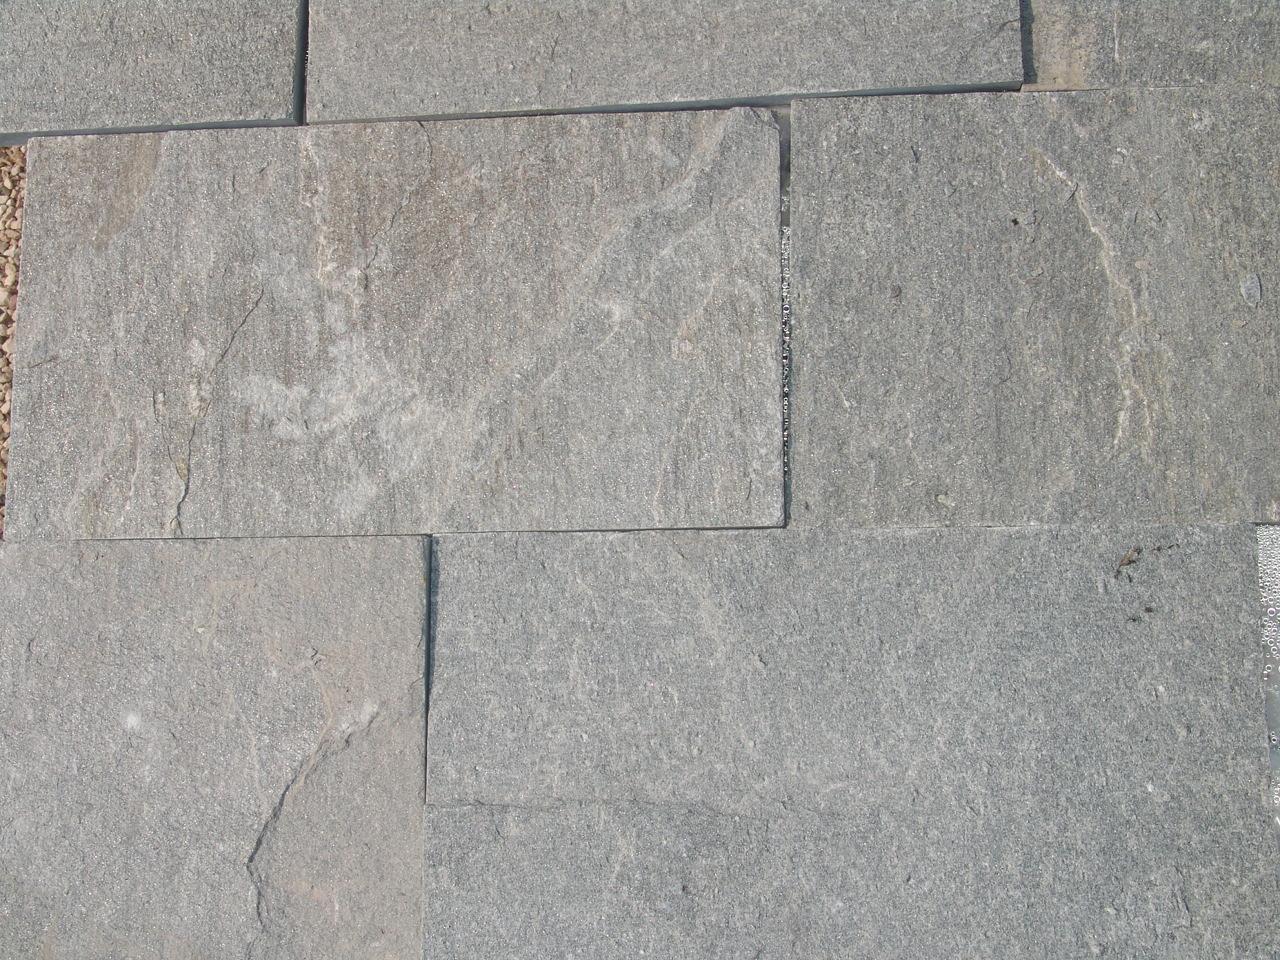 Pavimento per esterno in pietra: pavimenti per esterni riparazioni ...